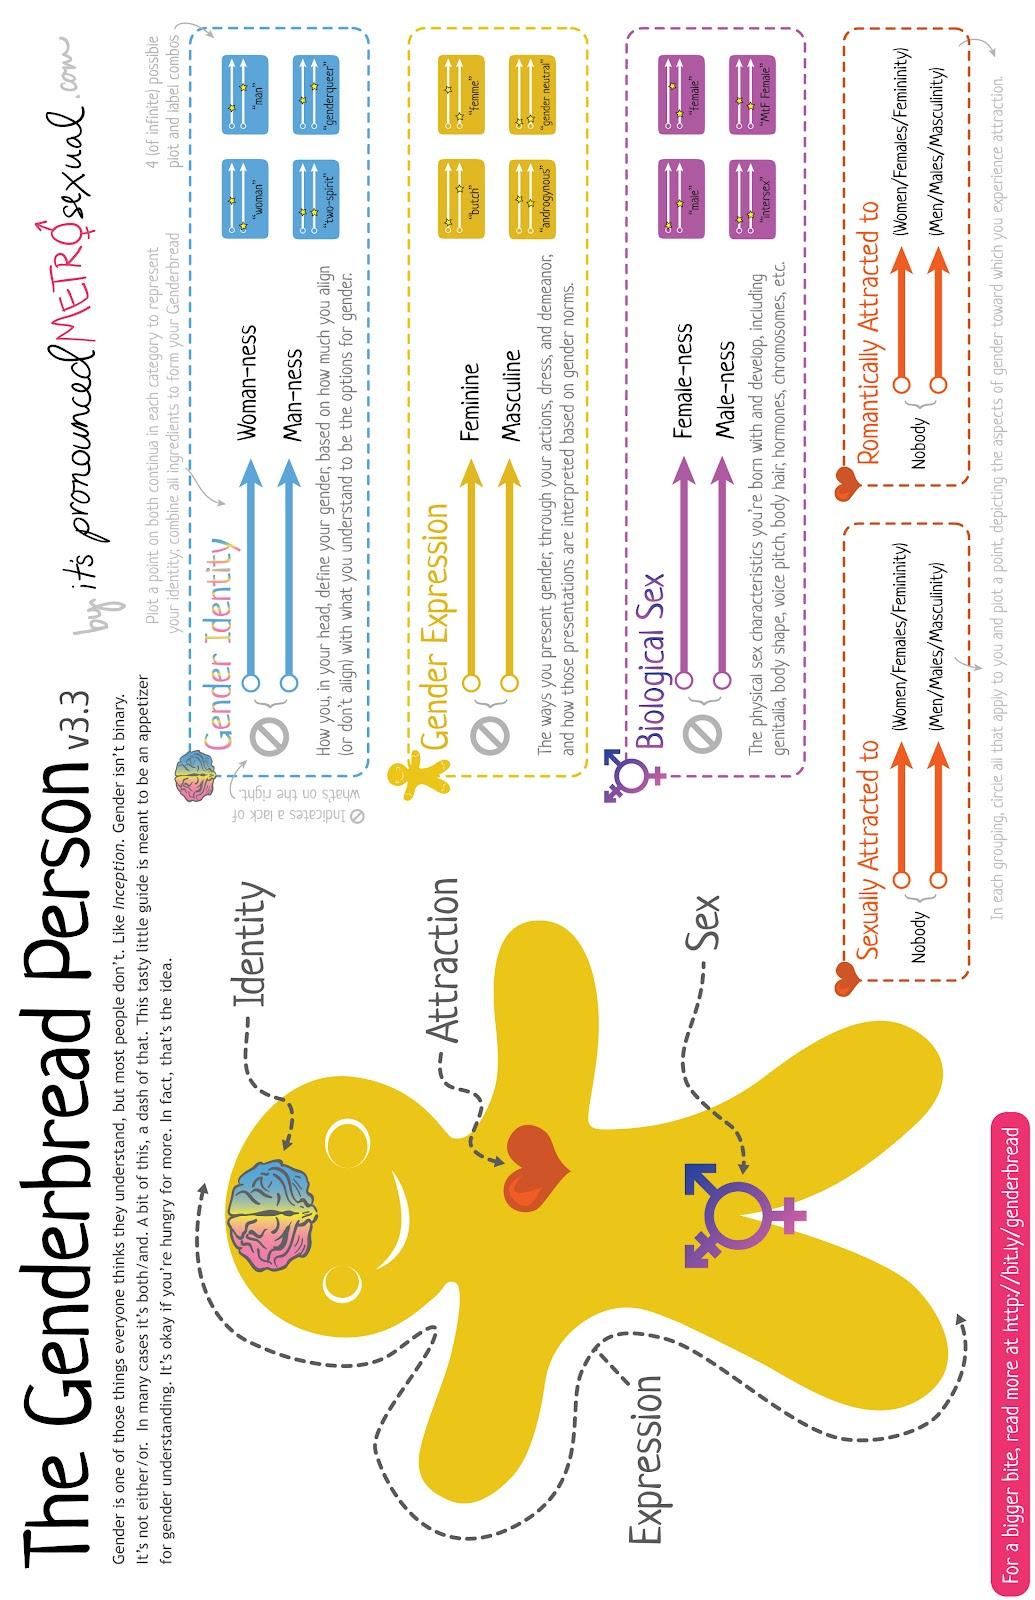 Genderbread-Person-3.3-HI-RES.jpg